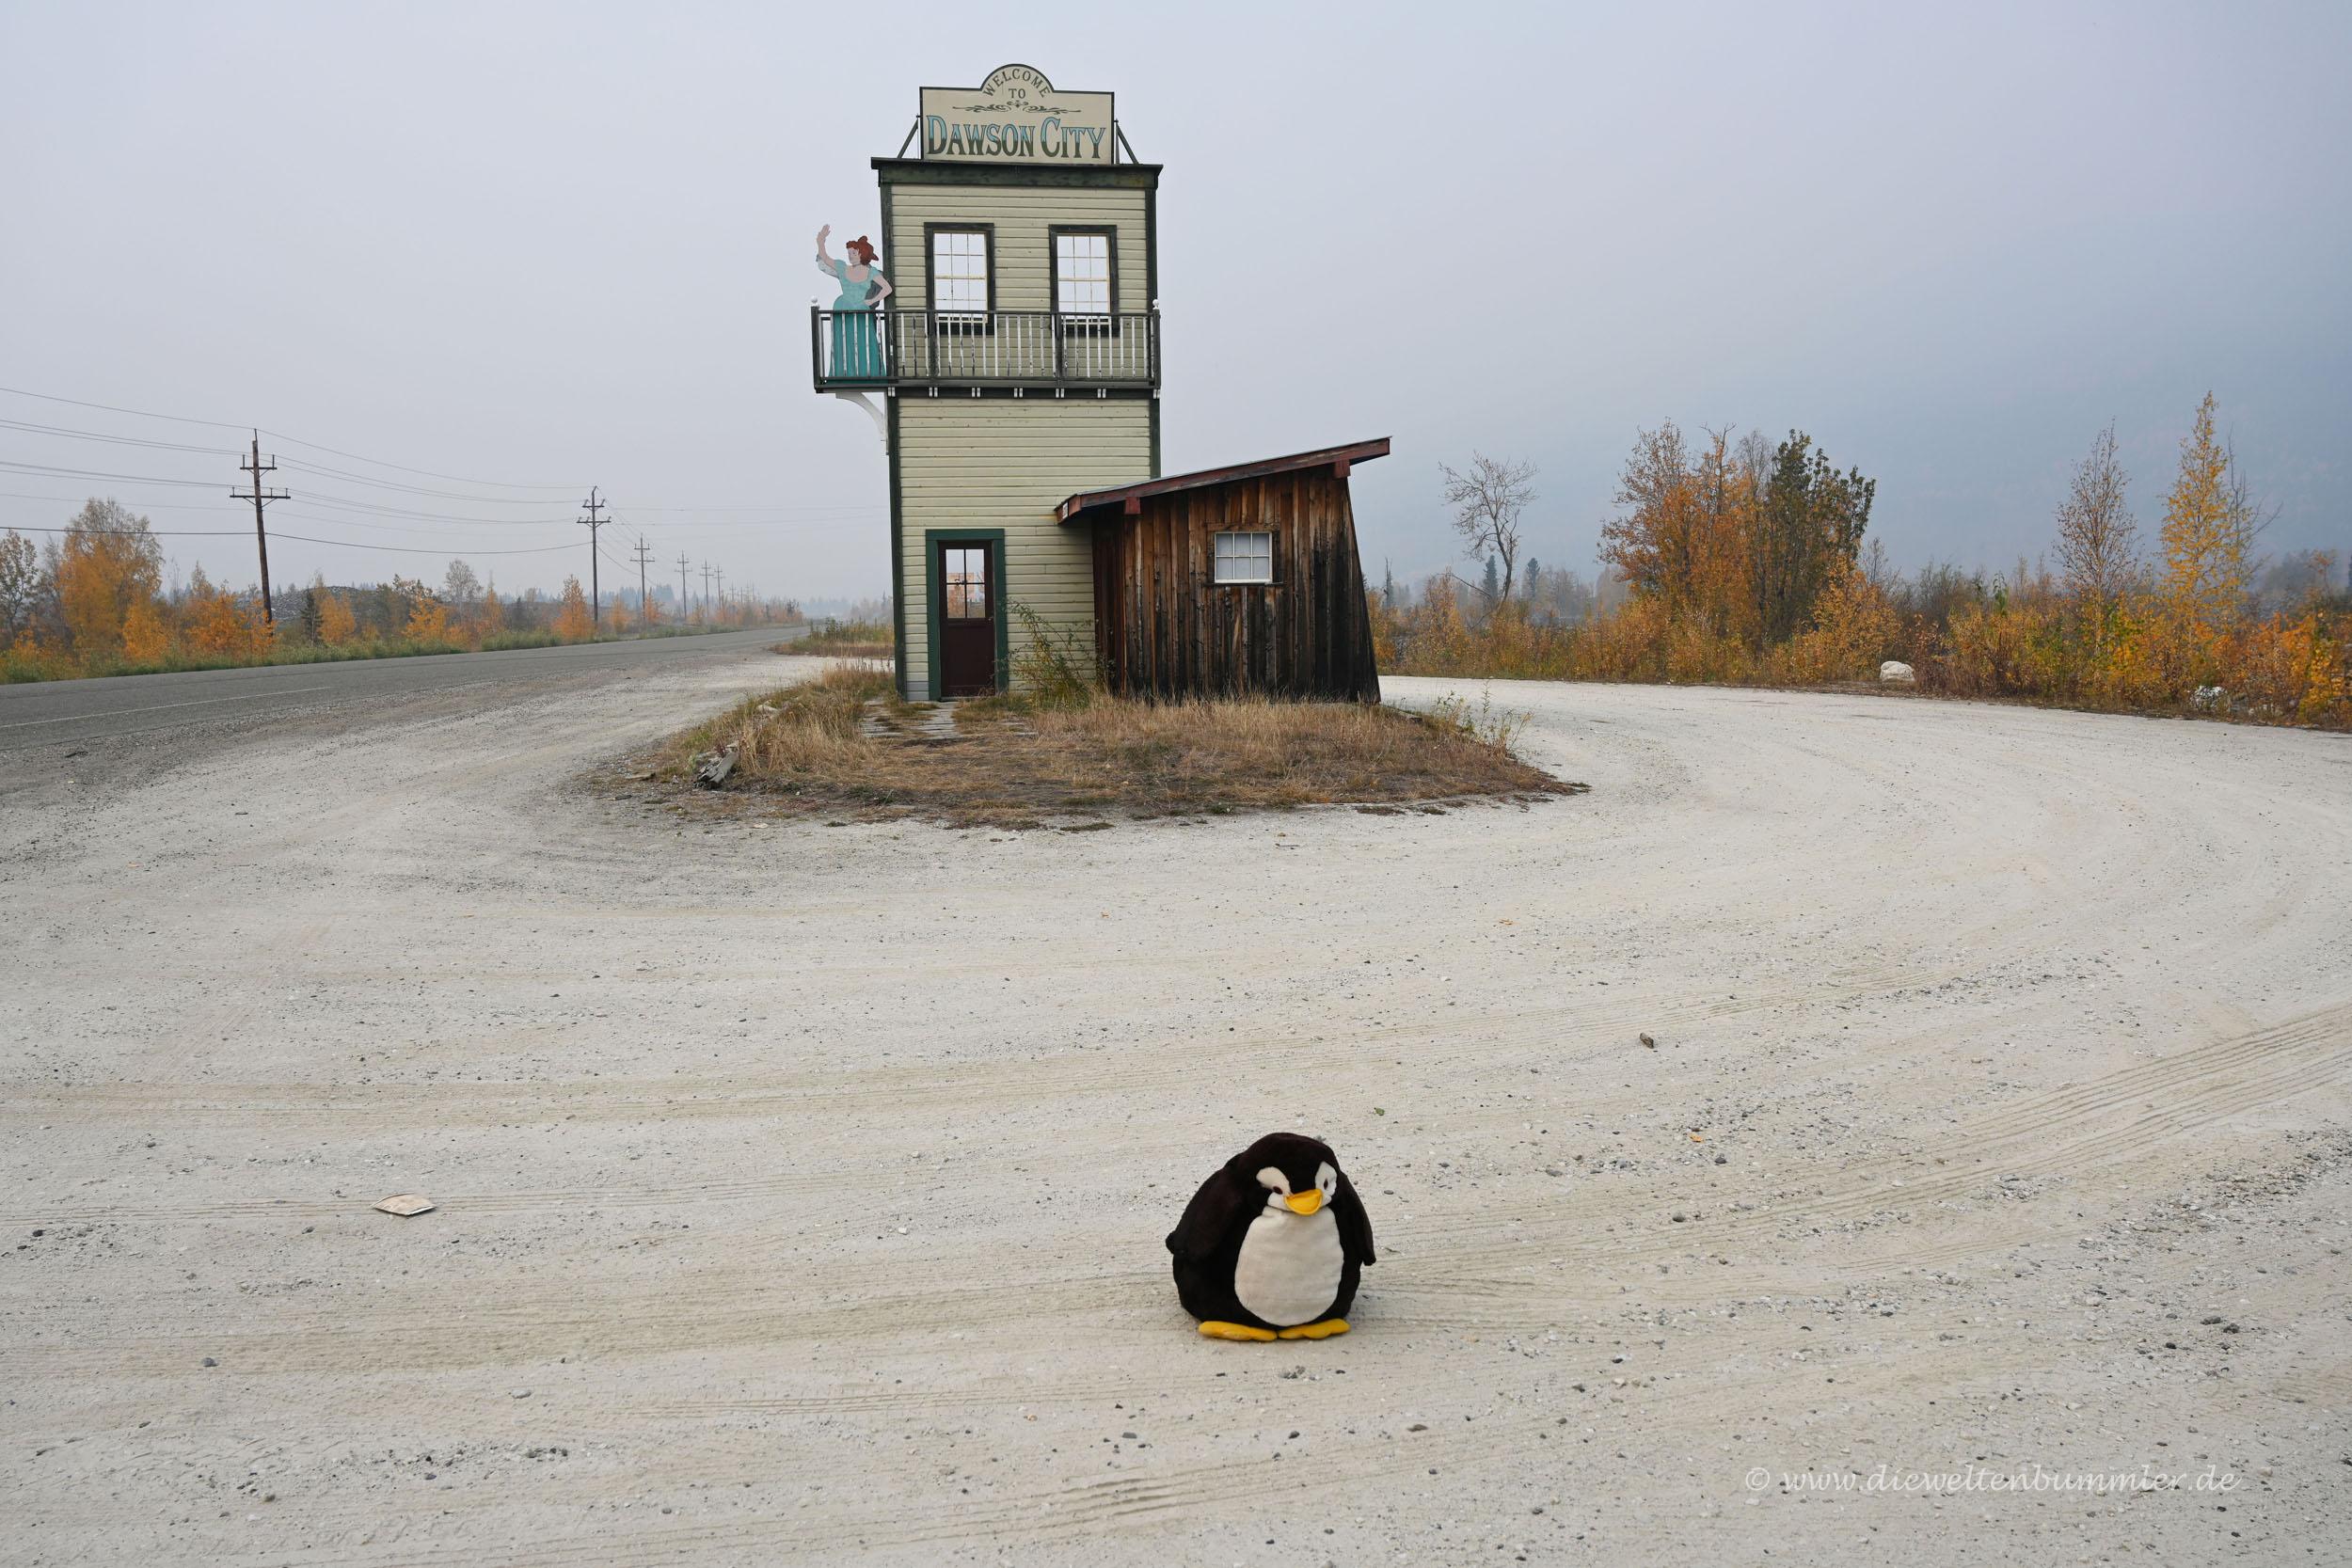 Ortseingang von Dawson City